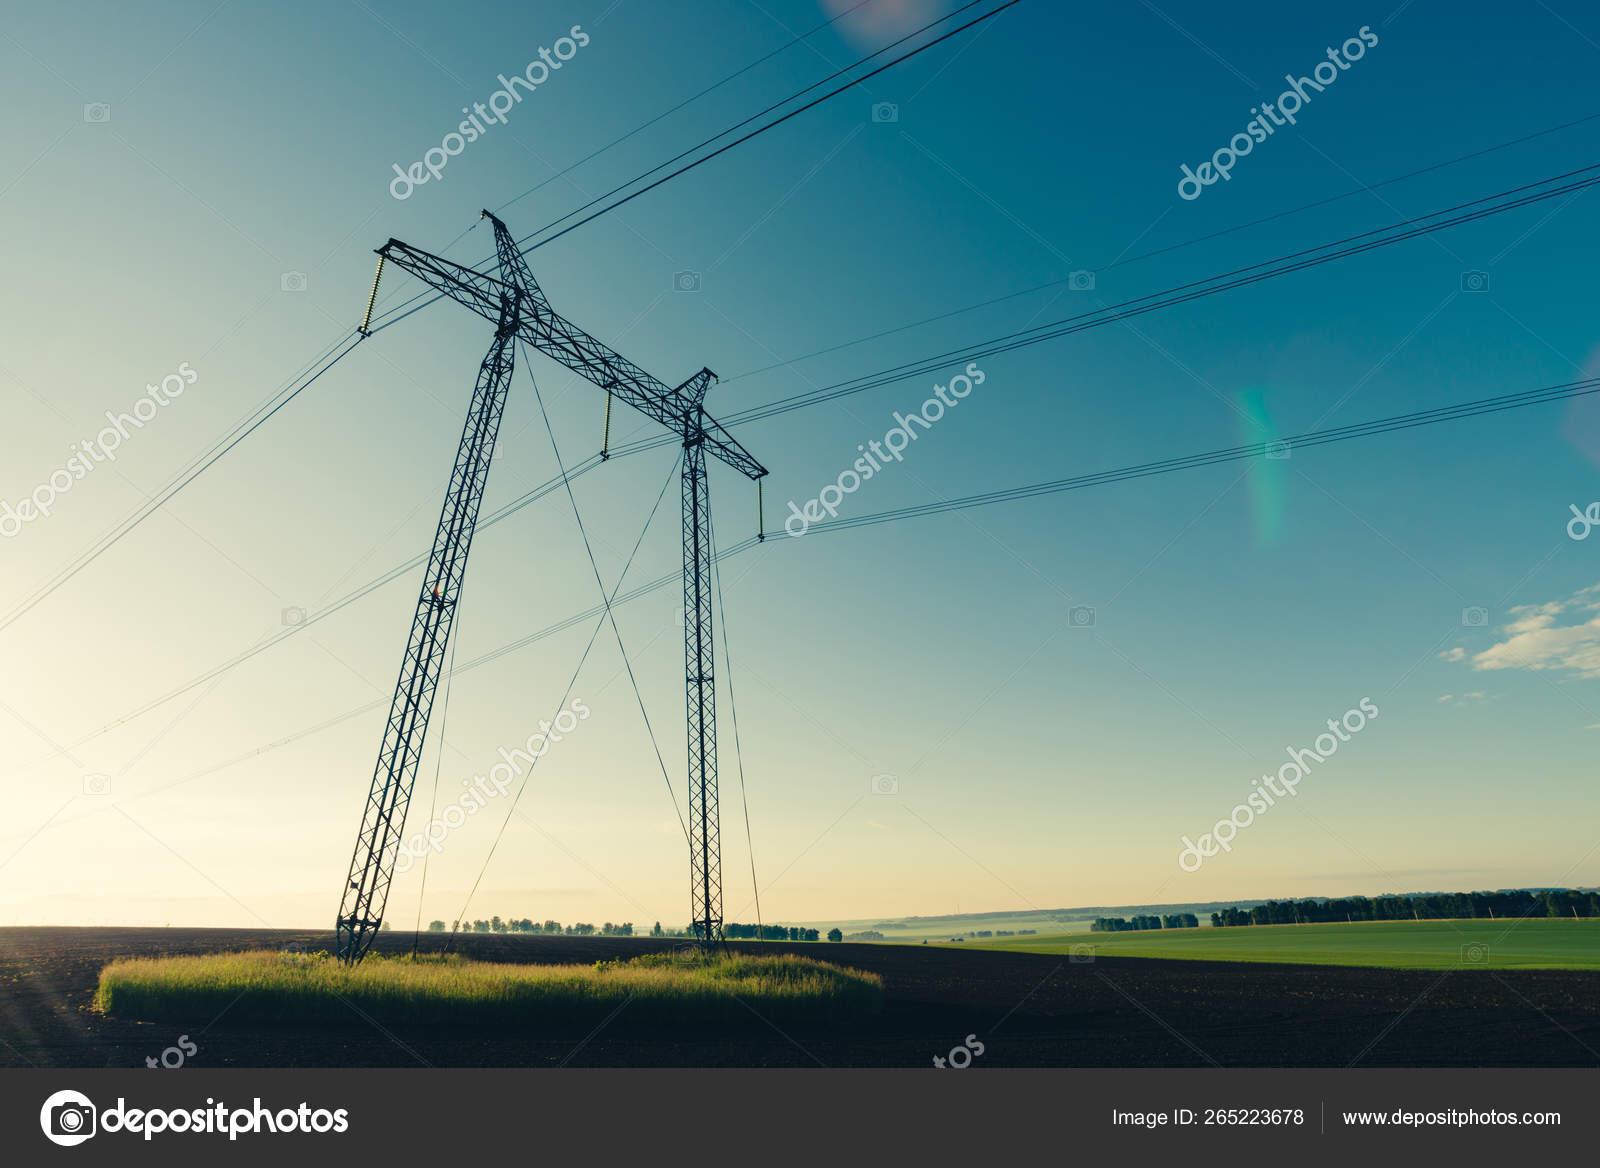 времени суток картинка линия электропередач на фоне крыма или